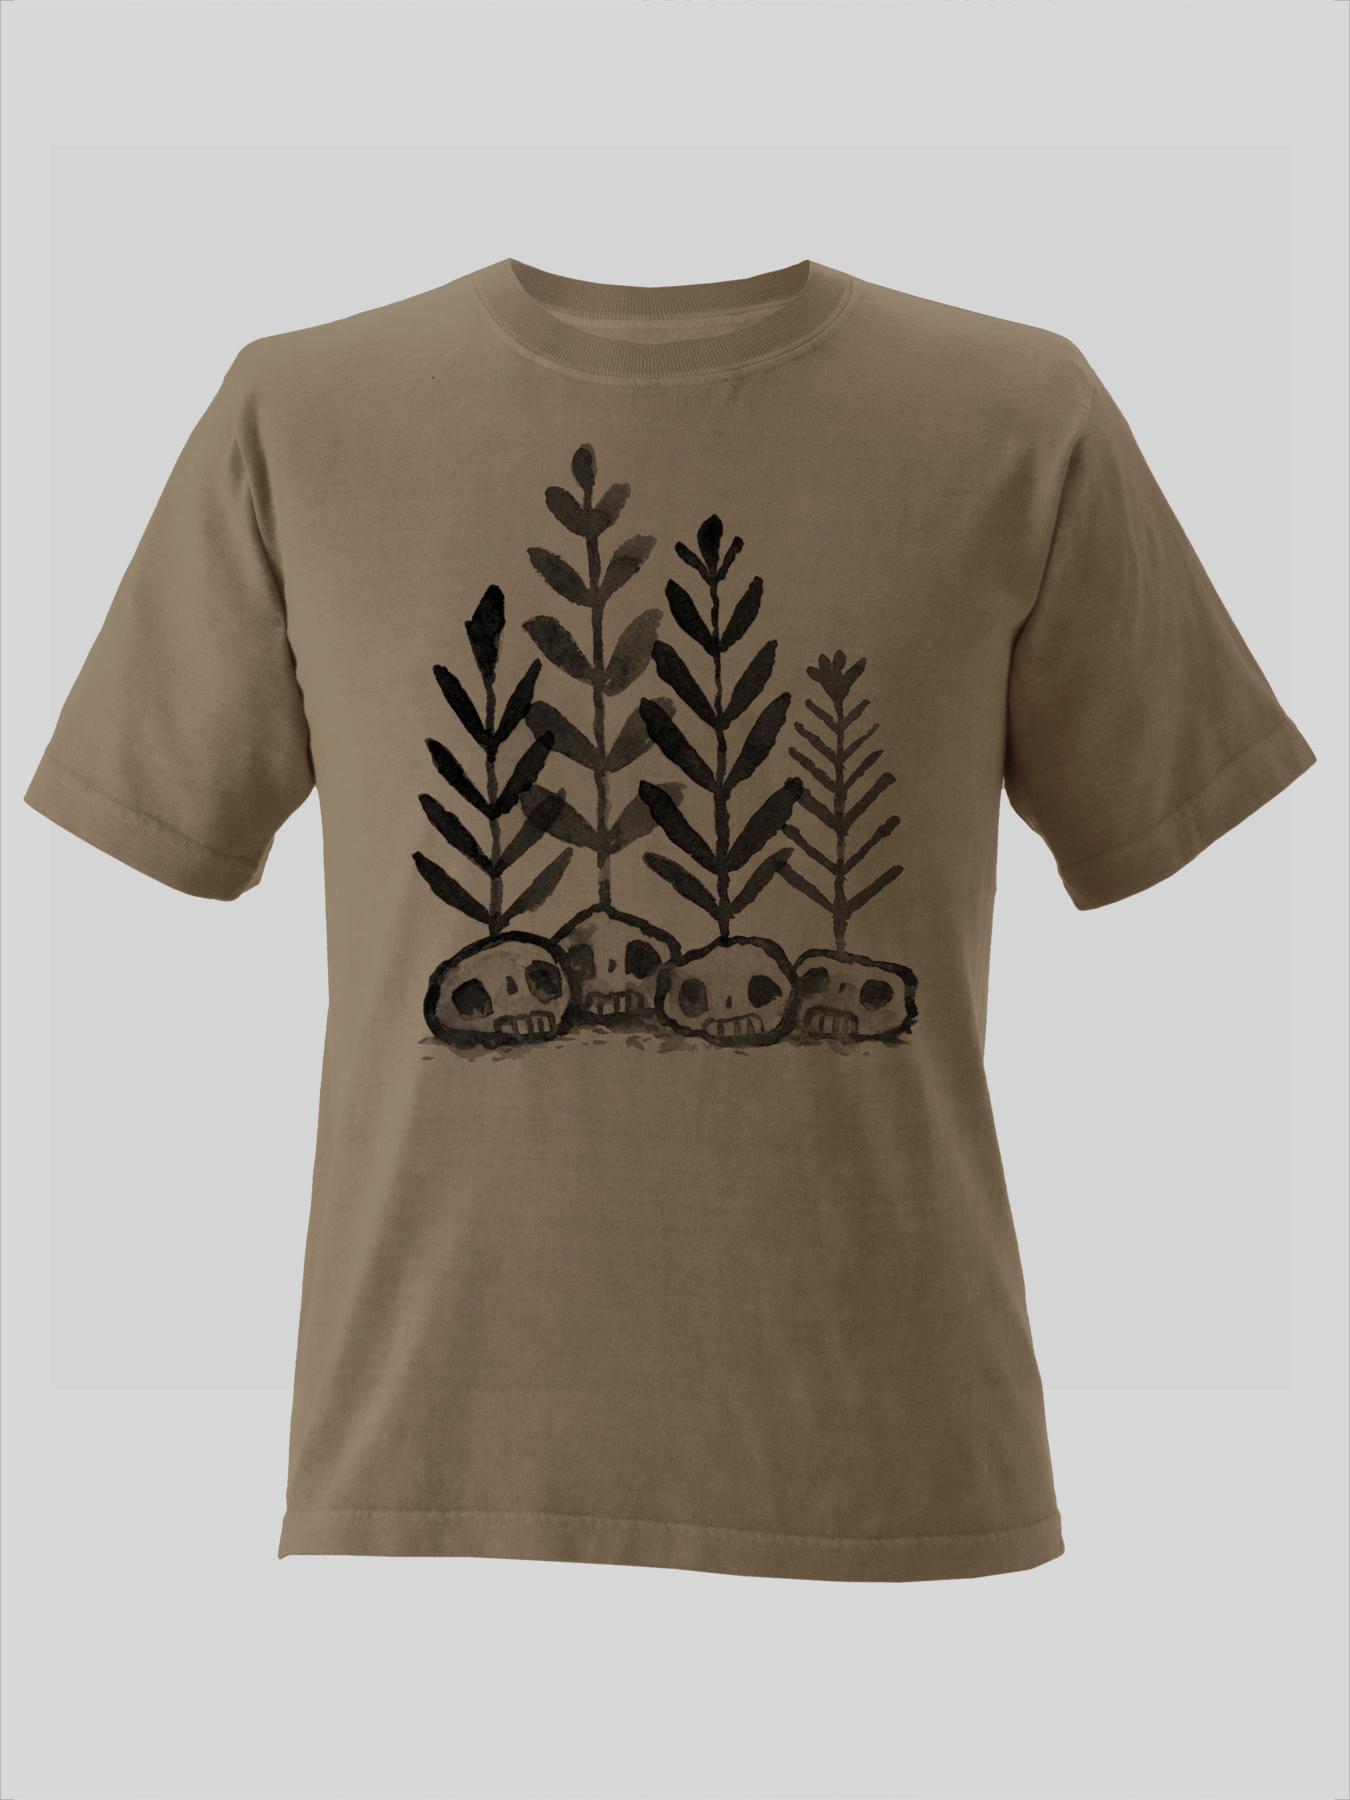 Skull Plants Shirt $20